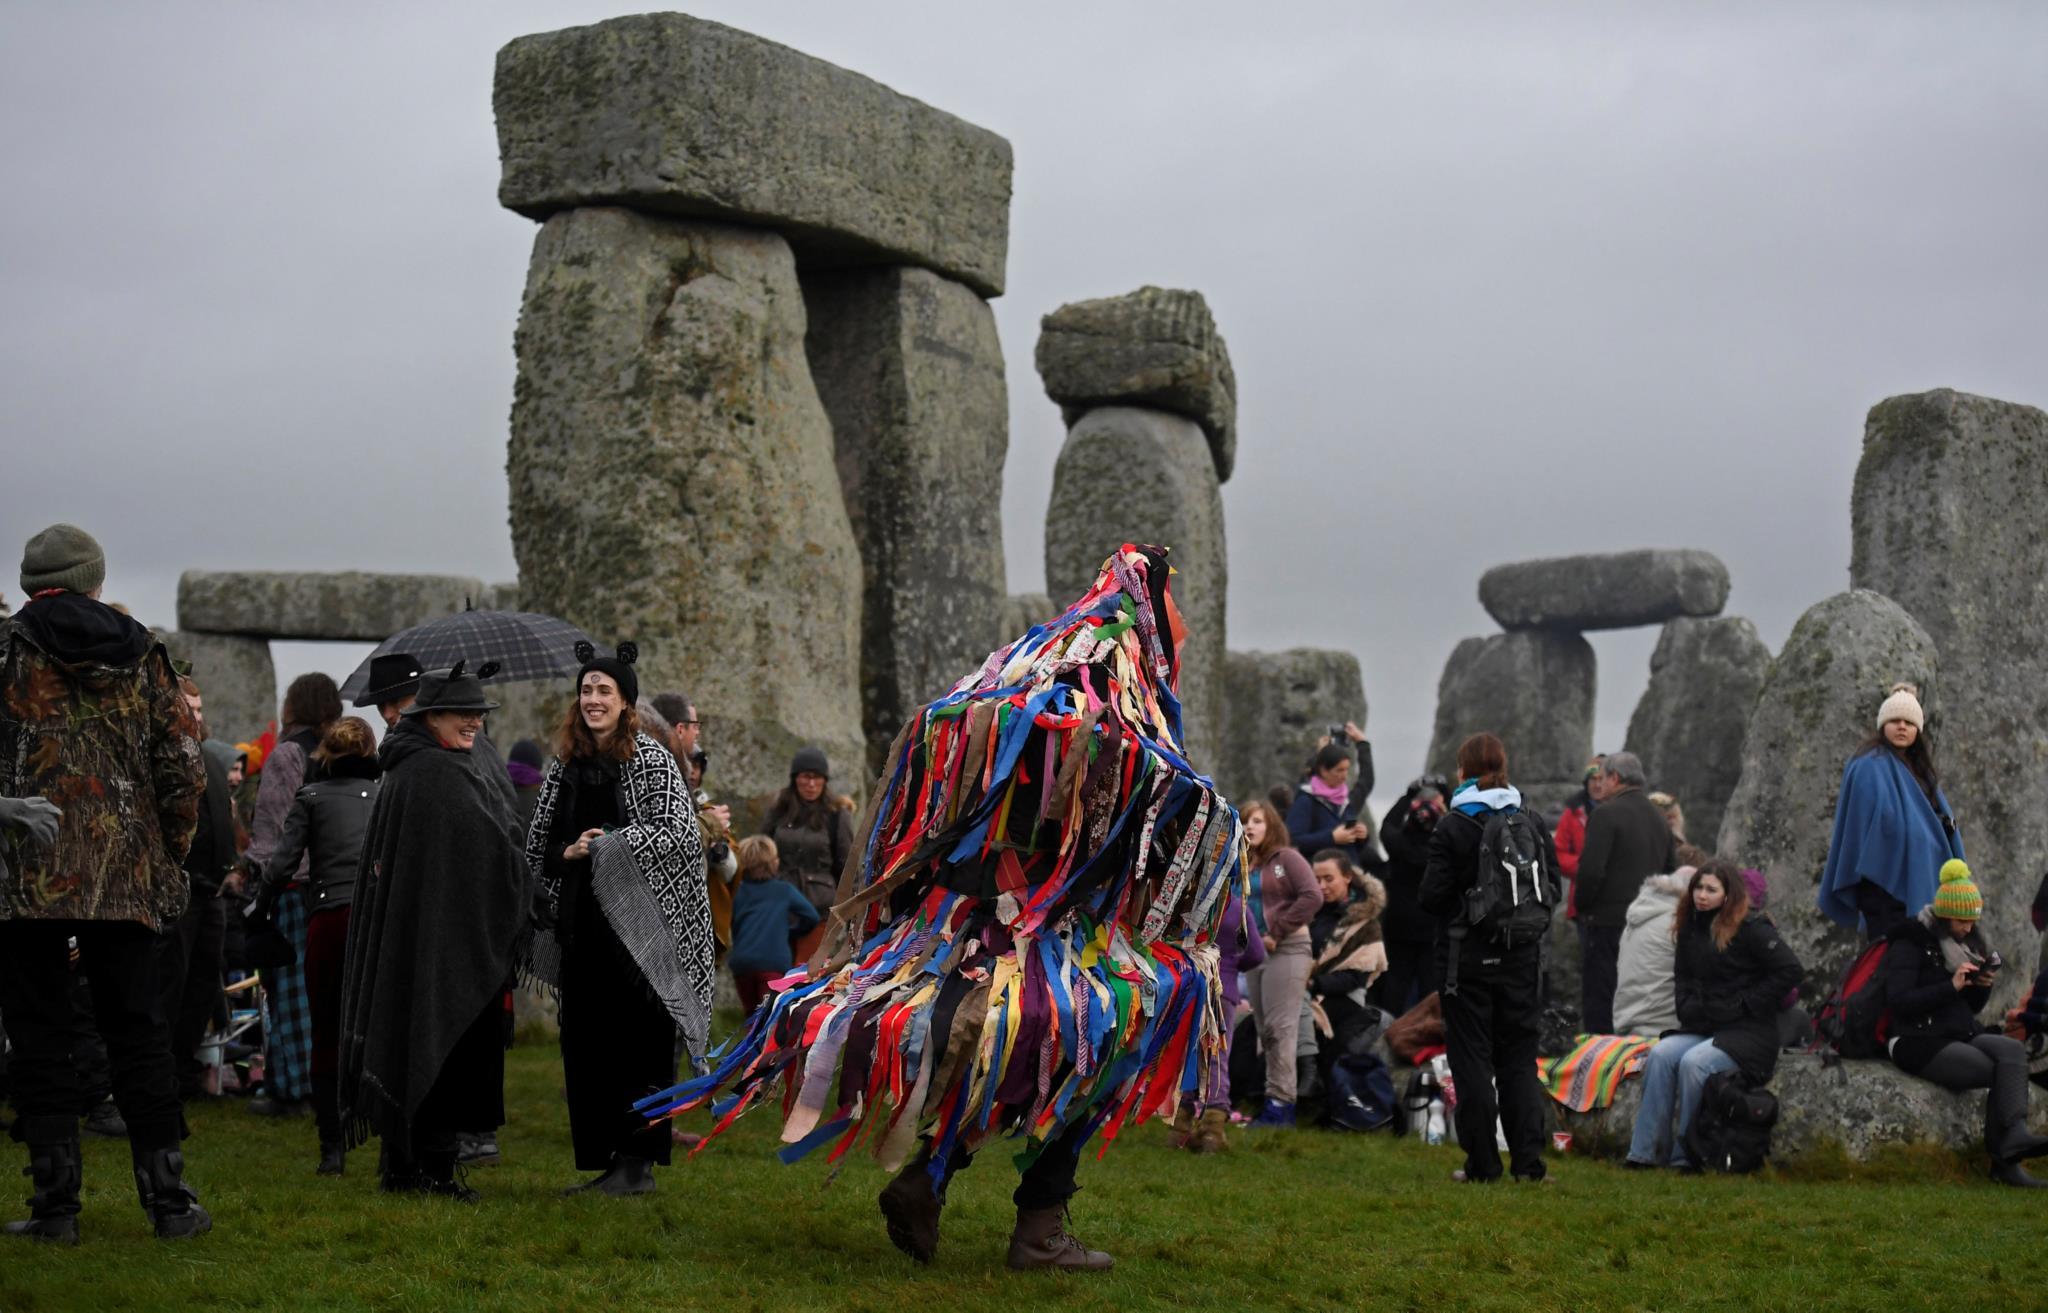 Pessoas celebram o solstício de Inverno em Stonehenge, no Reino Unido